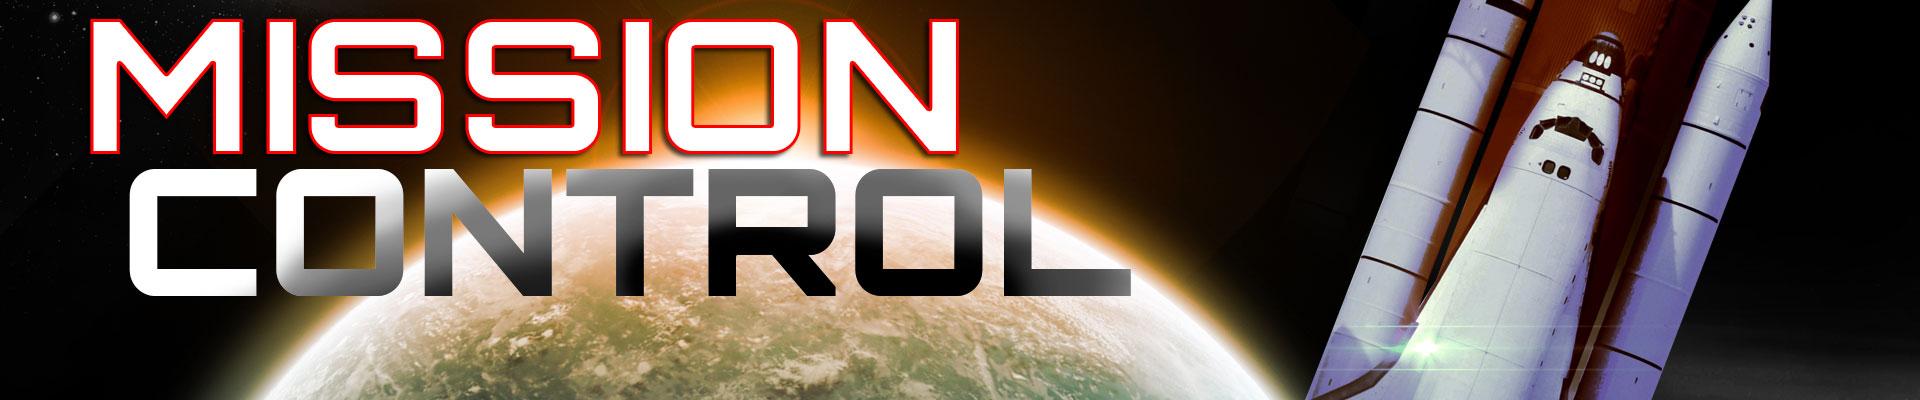 Mission Control Escape The Room Houston